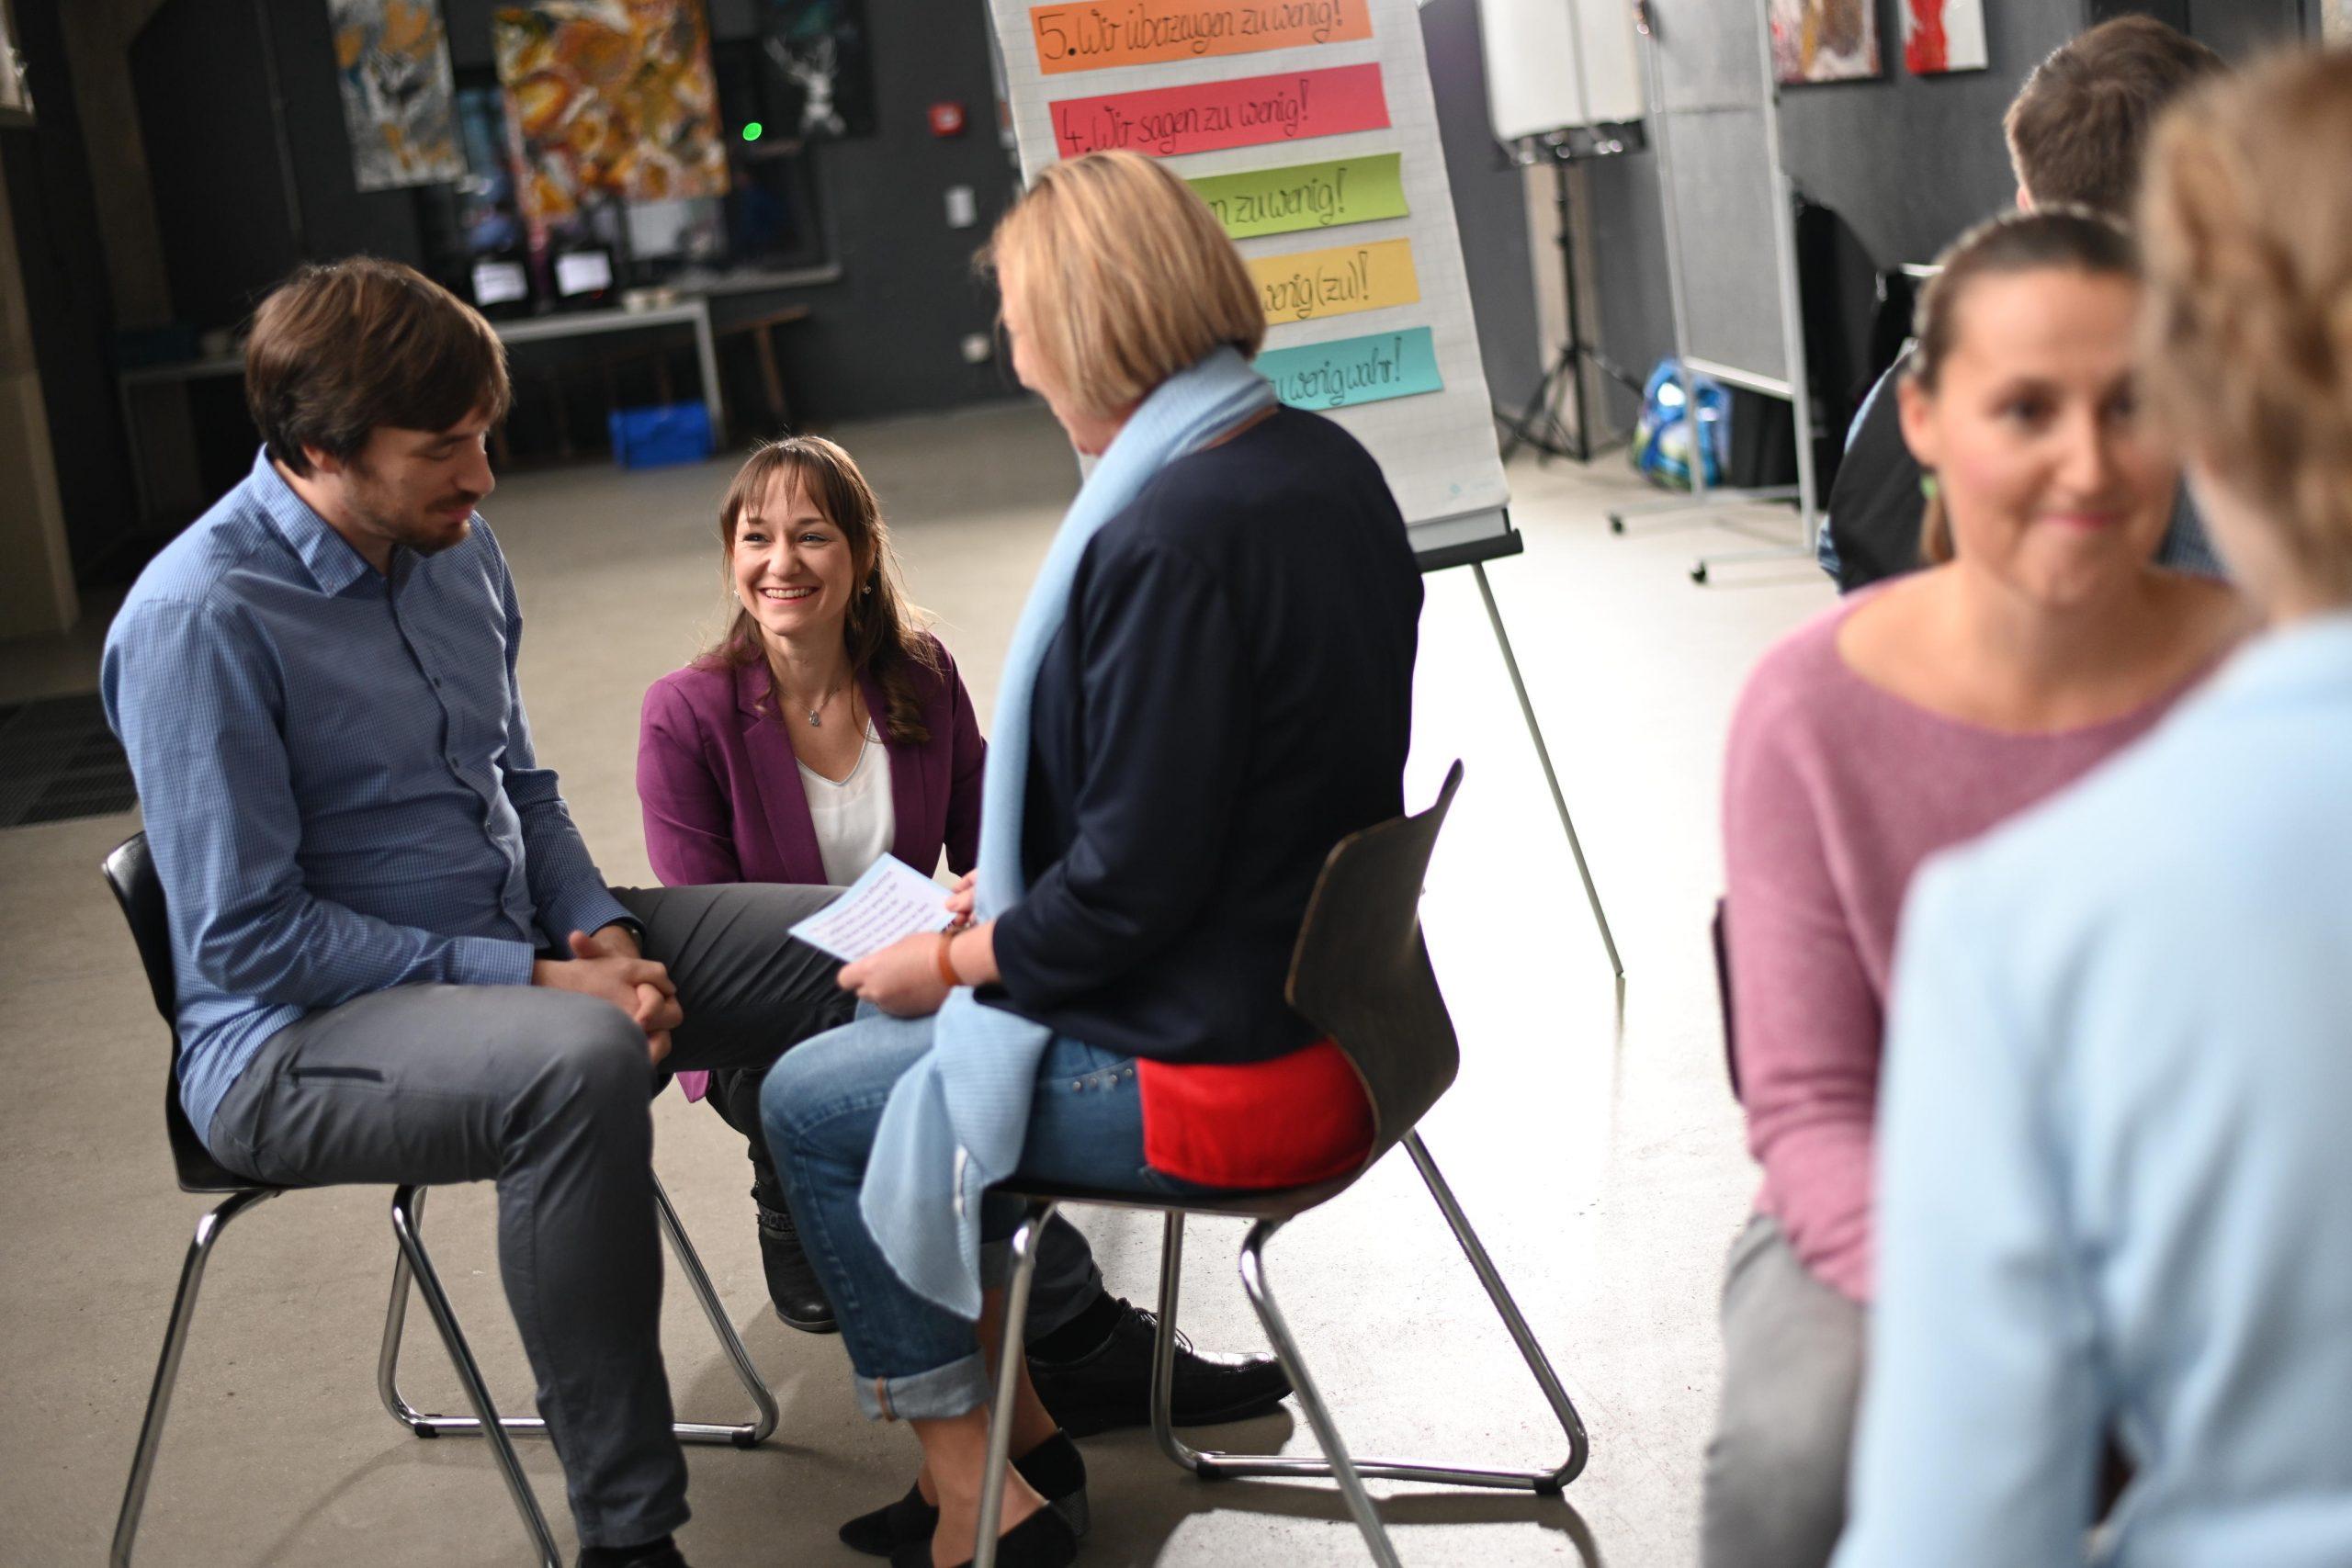 Seminarleiterin und Teilnehmer in einer Kommunikationsübung